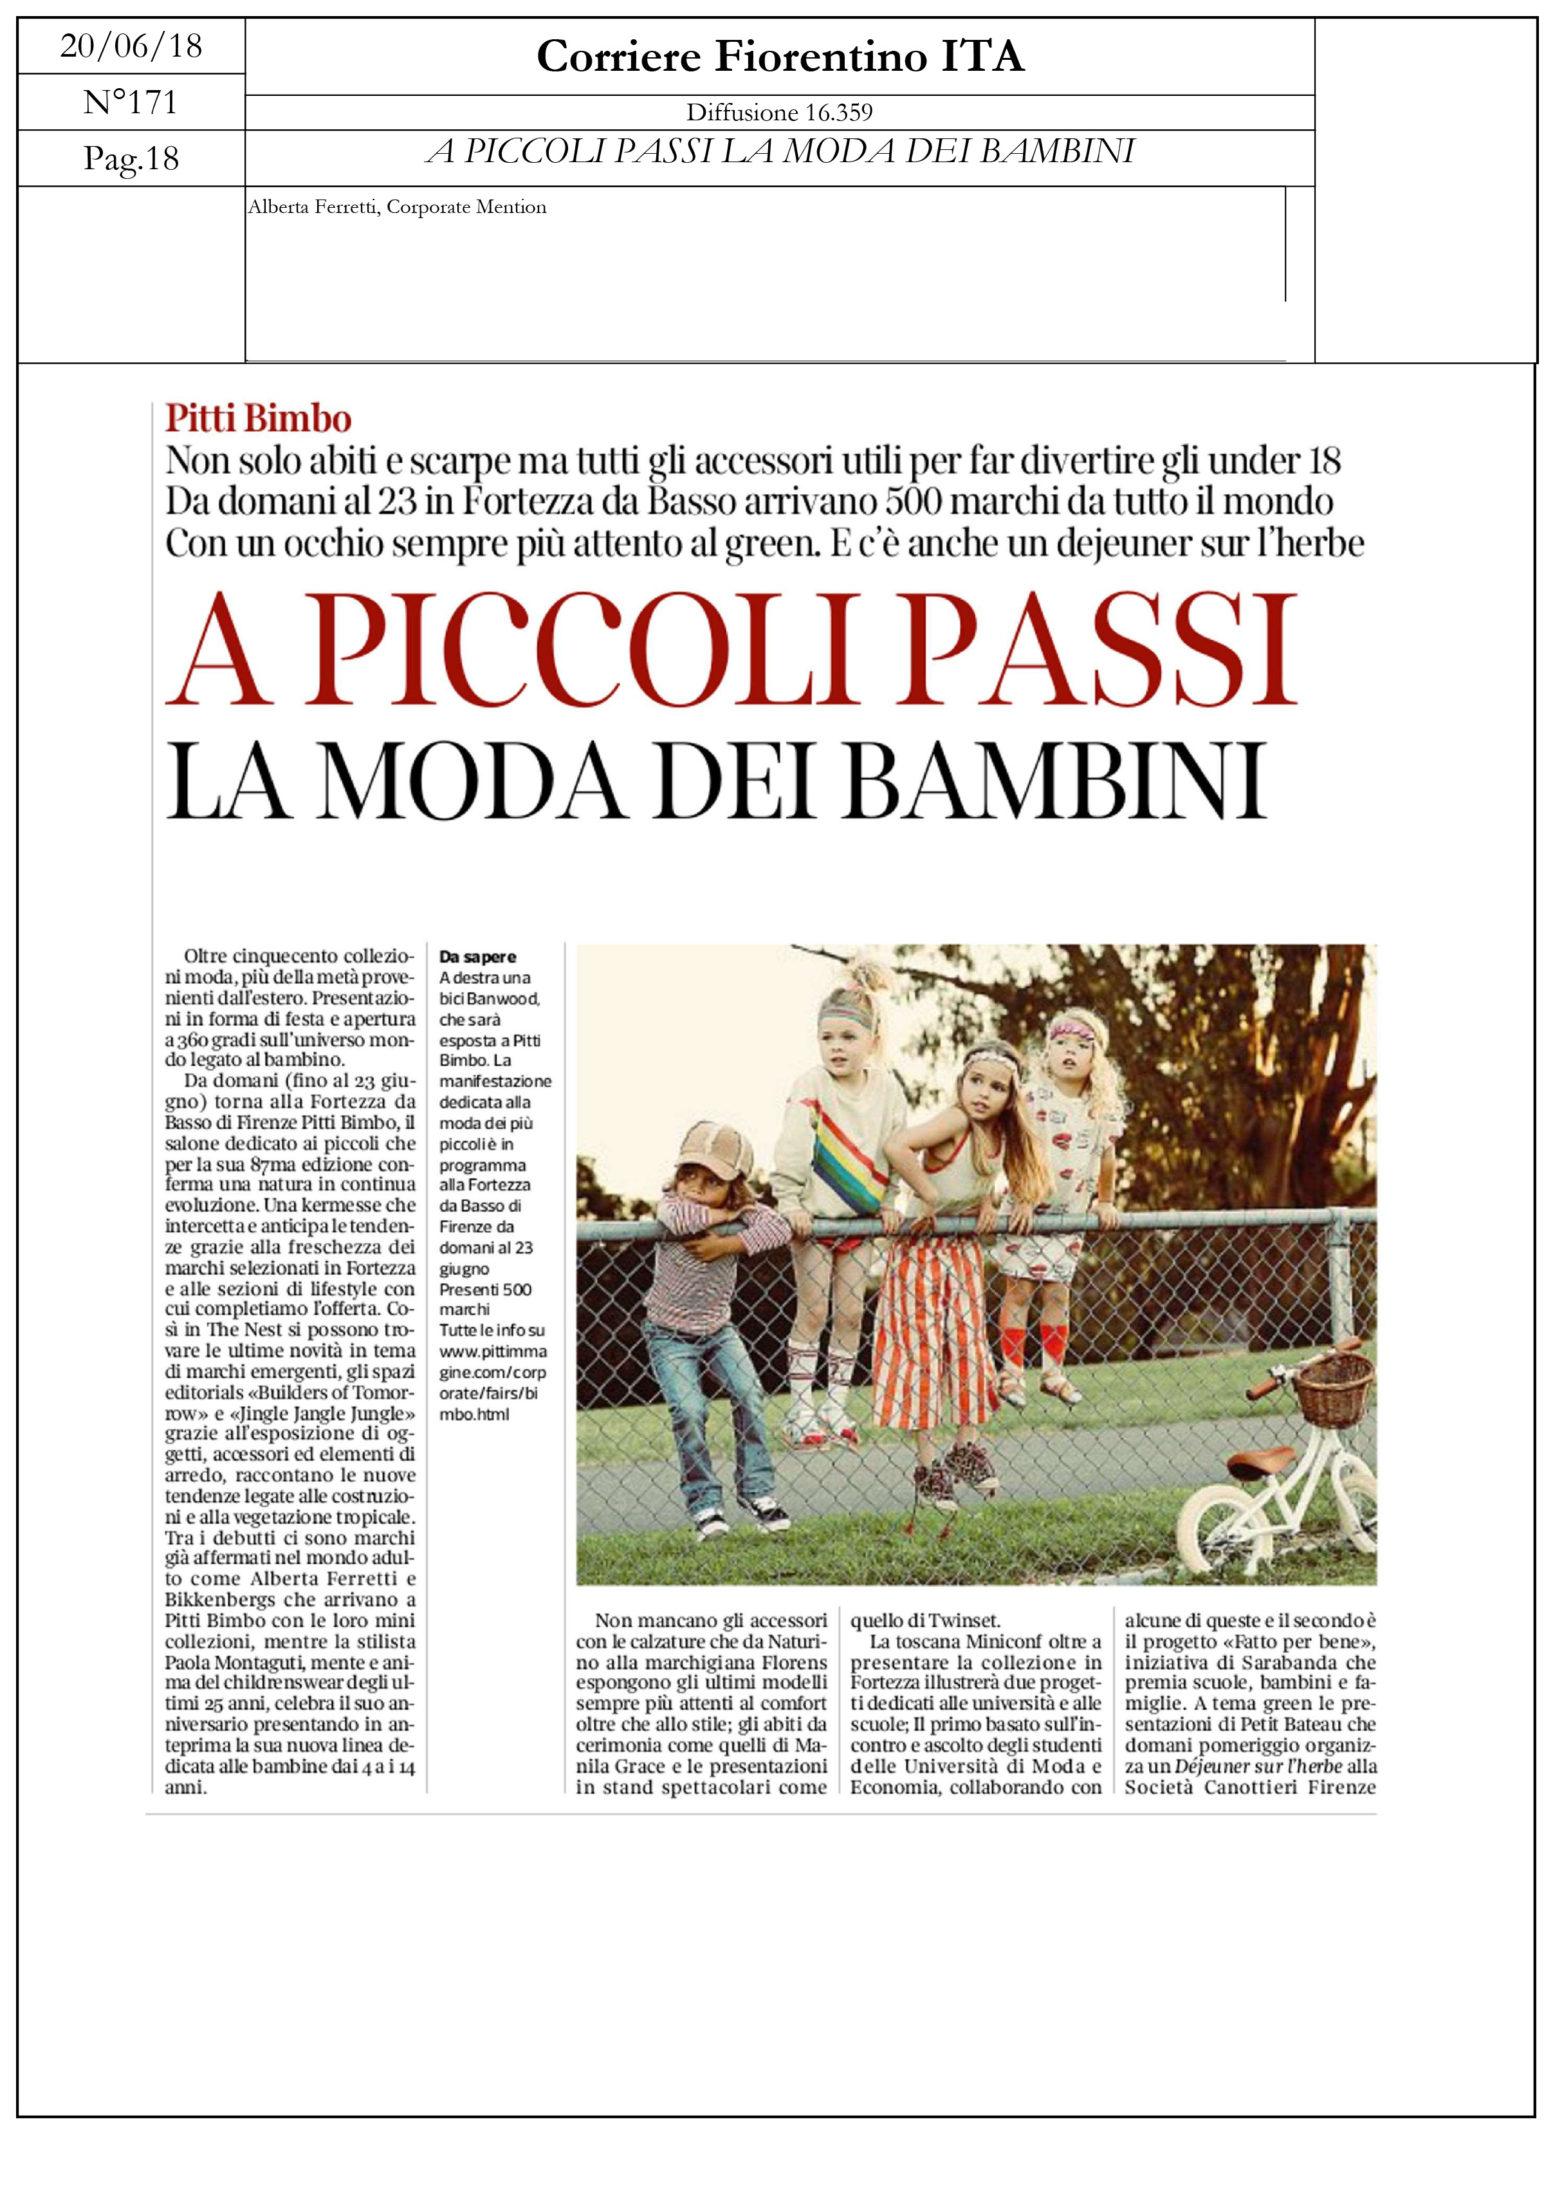 53 – Corriere_Fiorentino_ITA-0Large-1